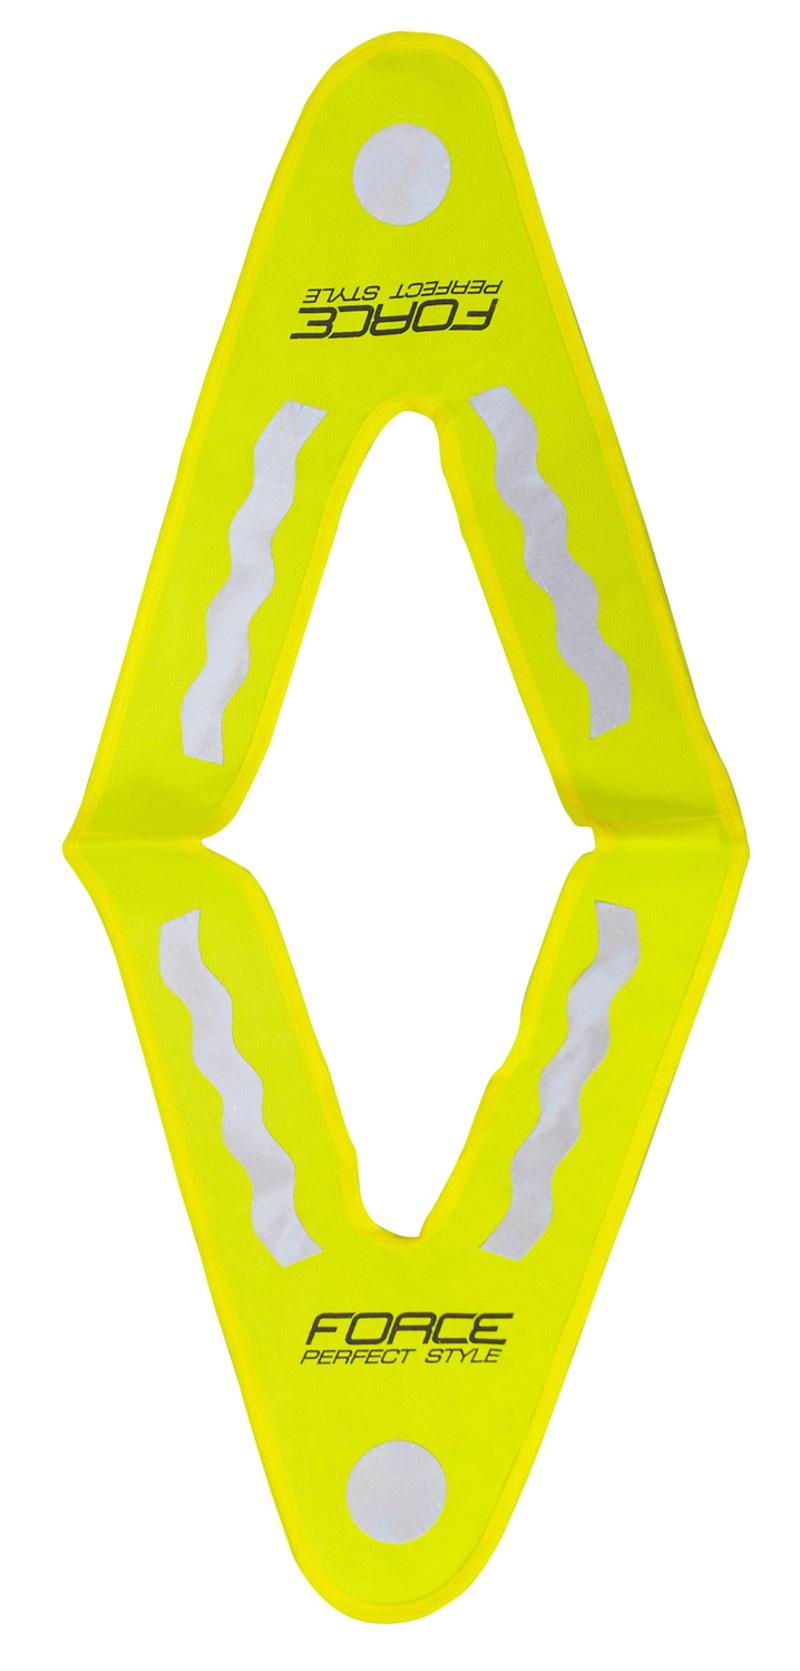 Force vesta dětská reflexní V-tvar, přes hlavu